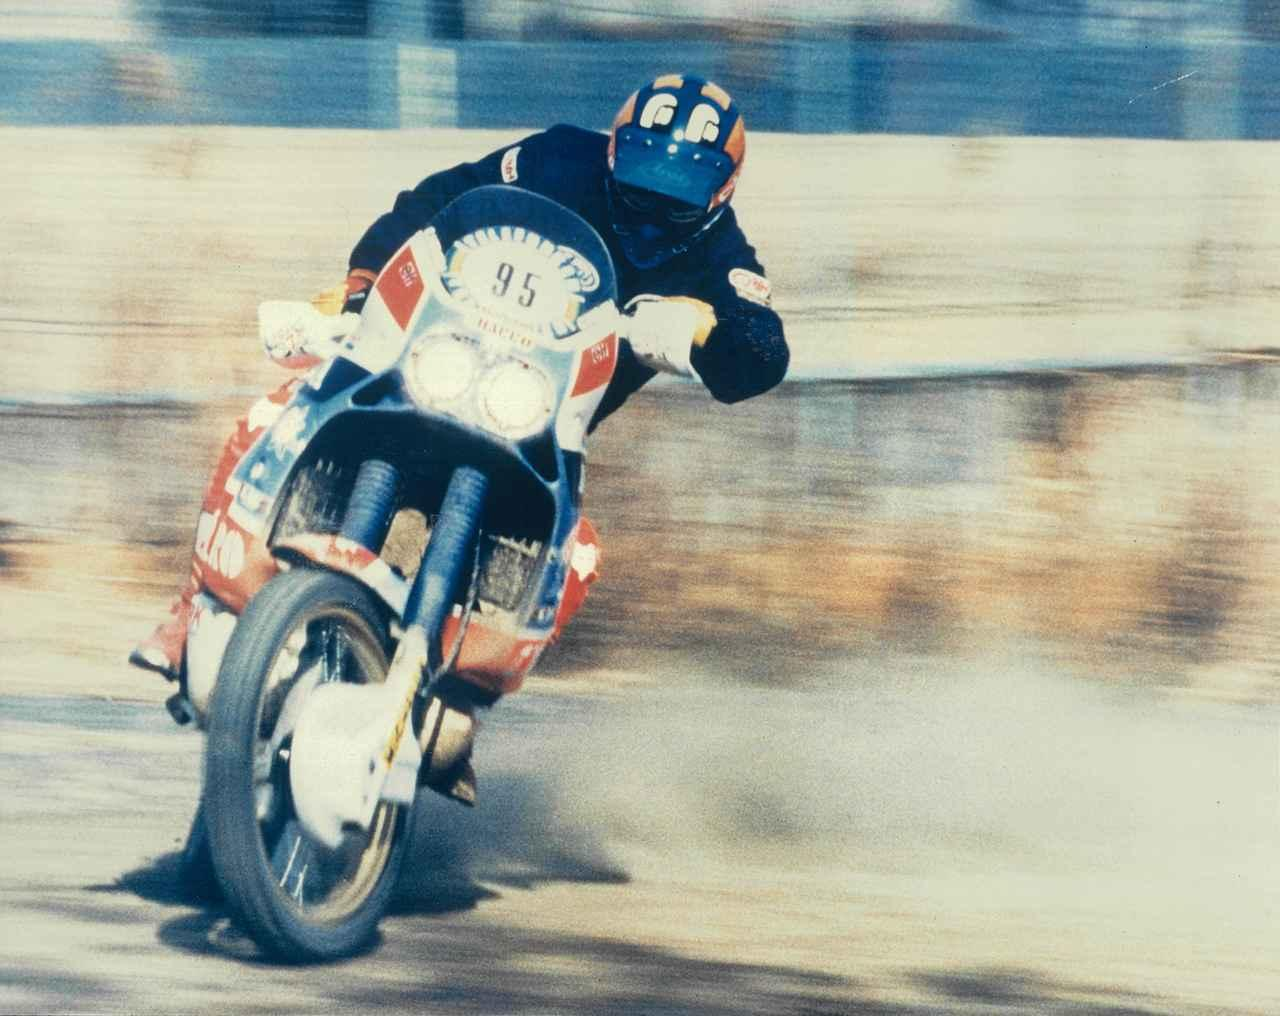 画像: 鈴鹿モトクロス場の外周路で行なわれた1986〜89年のパリ・ダカール4連覇マシン、ホンダNXRの試乗会。乗ったら何でもアクセル全開!の忠さんは、装備重量で220㎏近いこのモンスターでもフルカウンター。ラリーレイドマシンでこんな走りをする人は滅多にいない。初代アフリカツインは、このワークスマシンのレプリカだ。